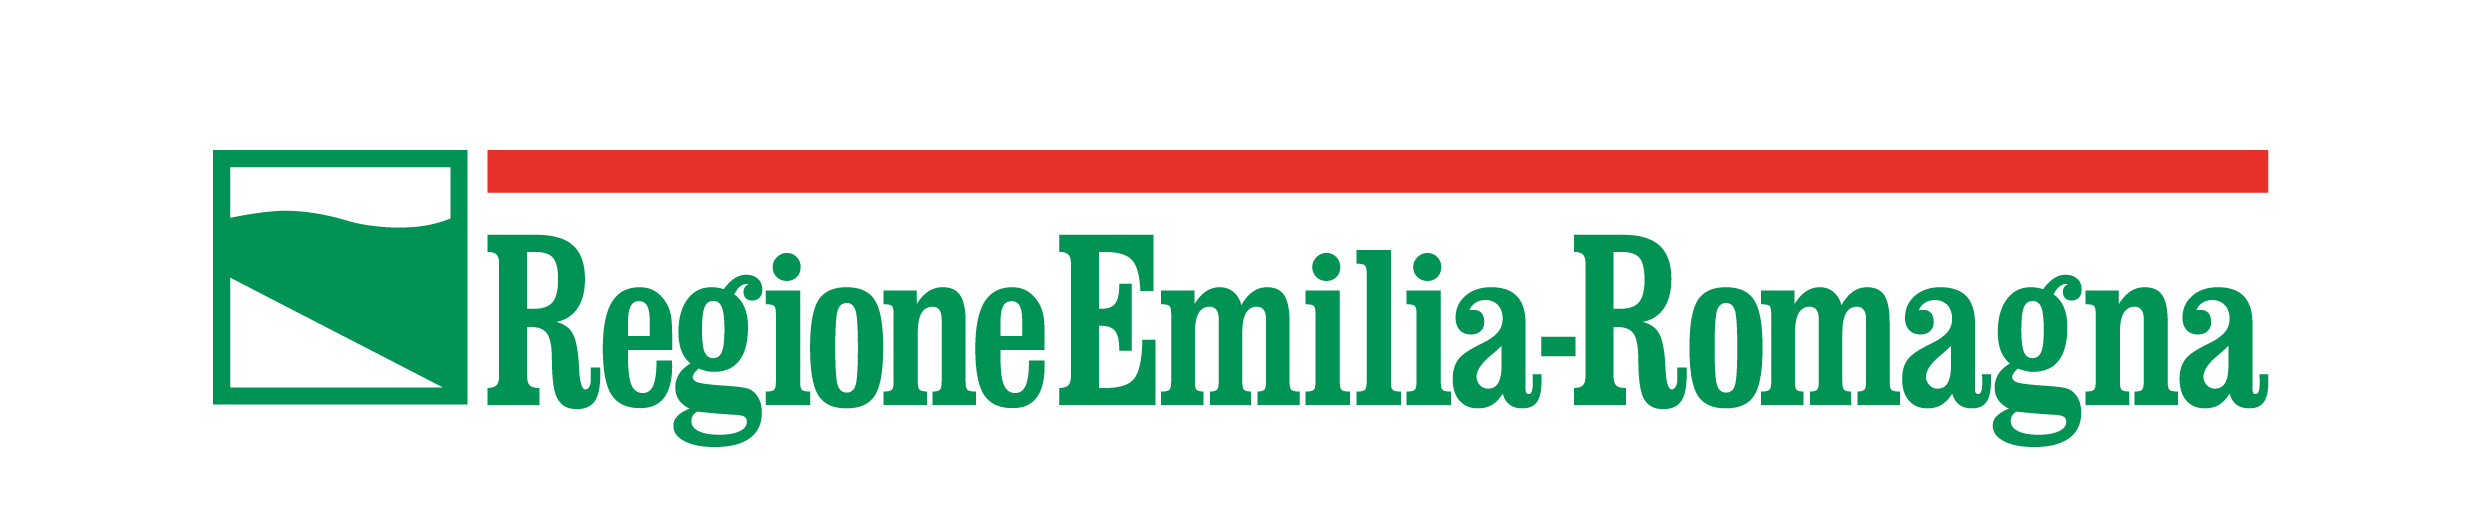 regione-emilia-romagna.png